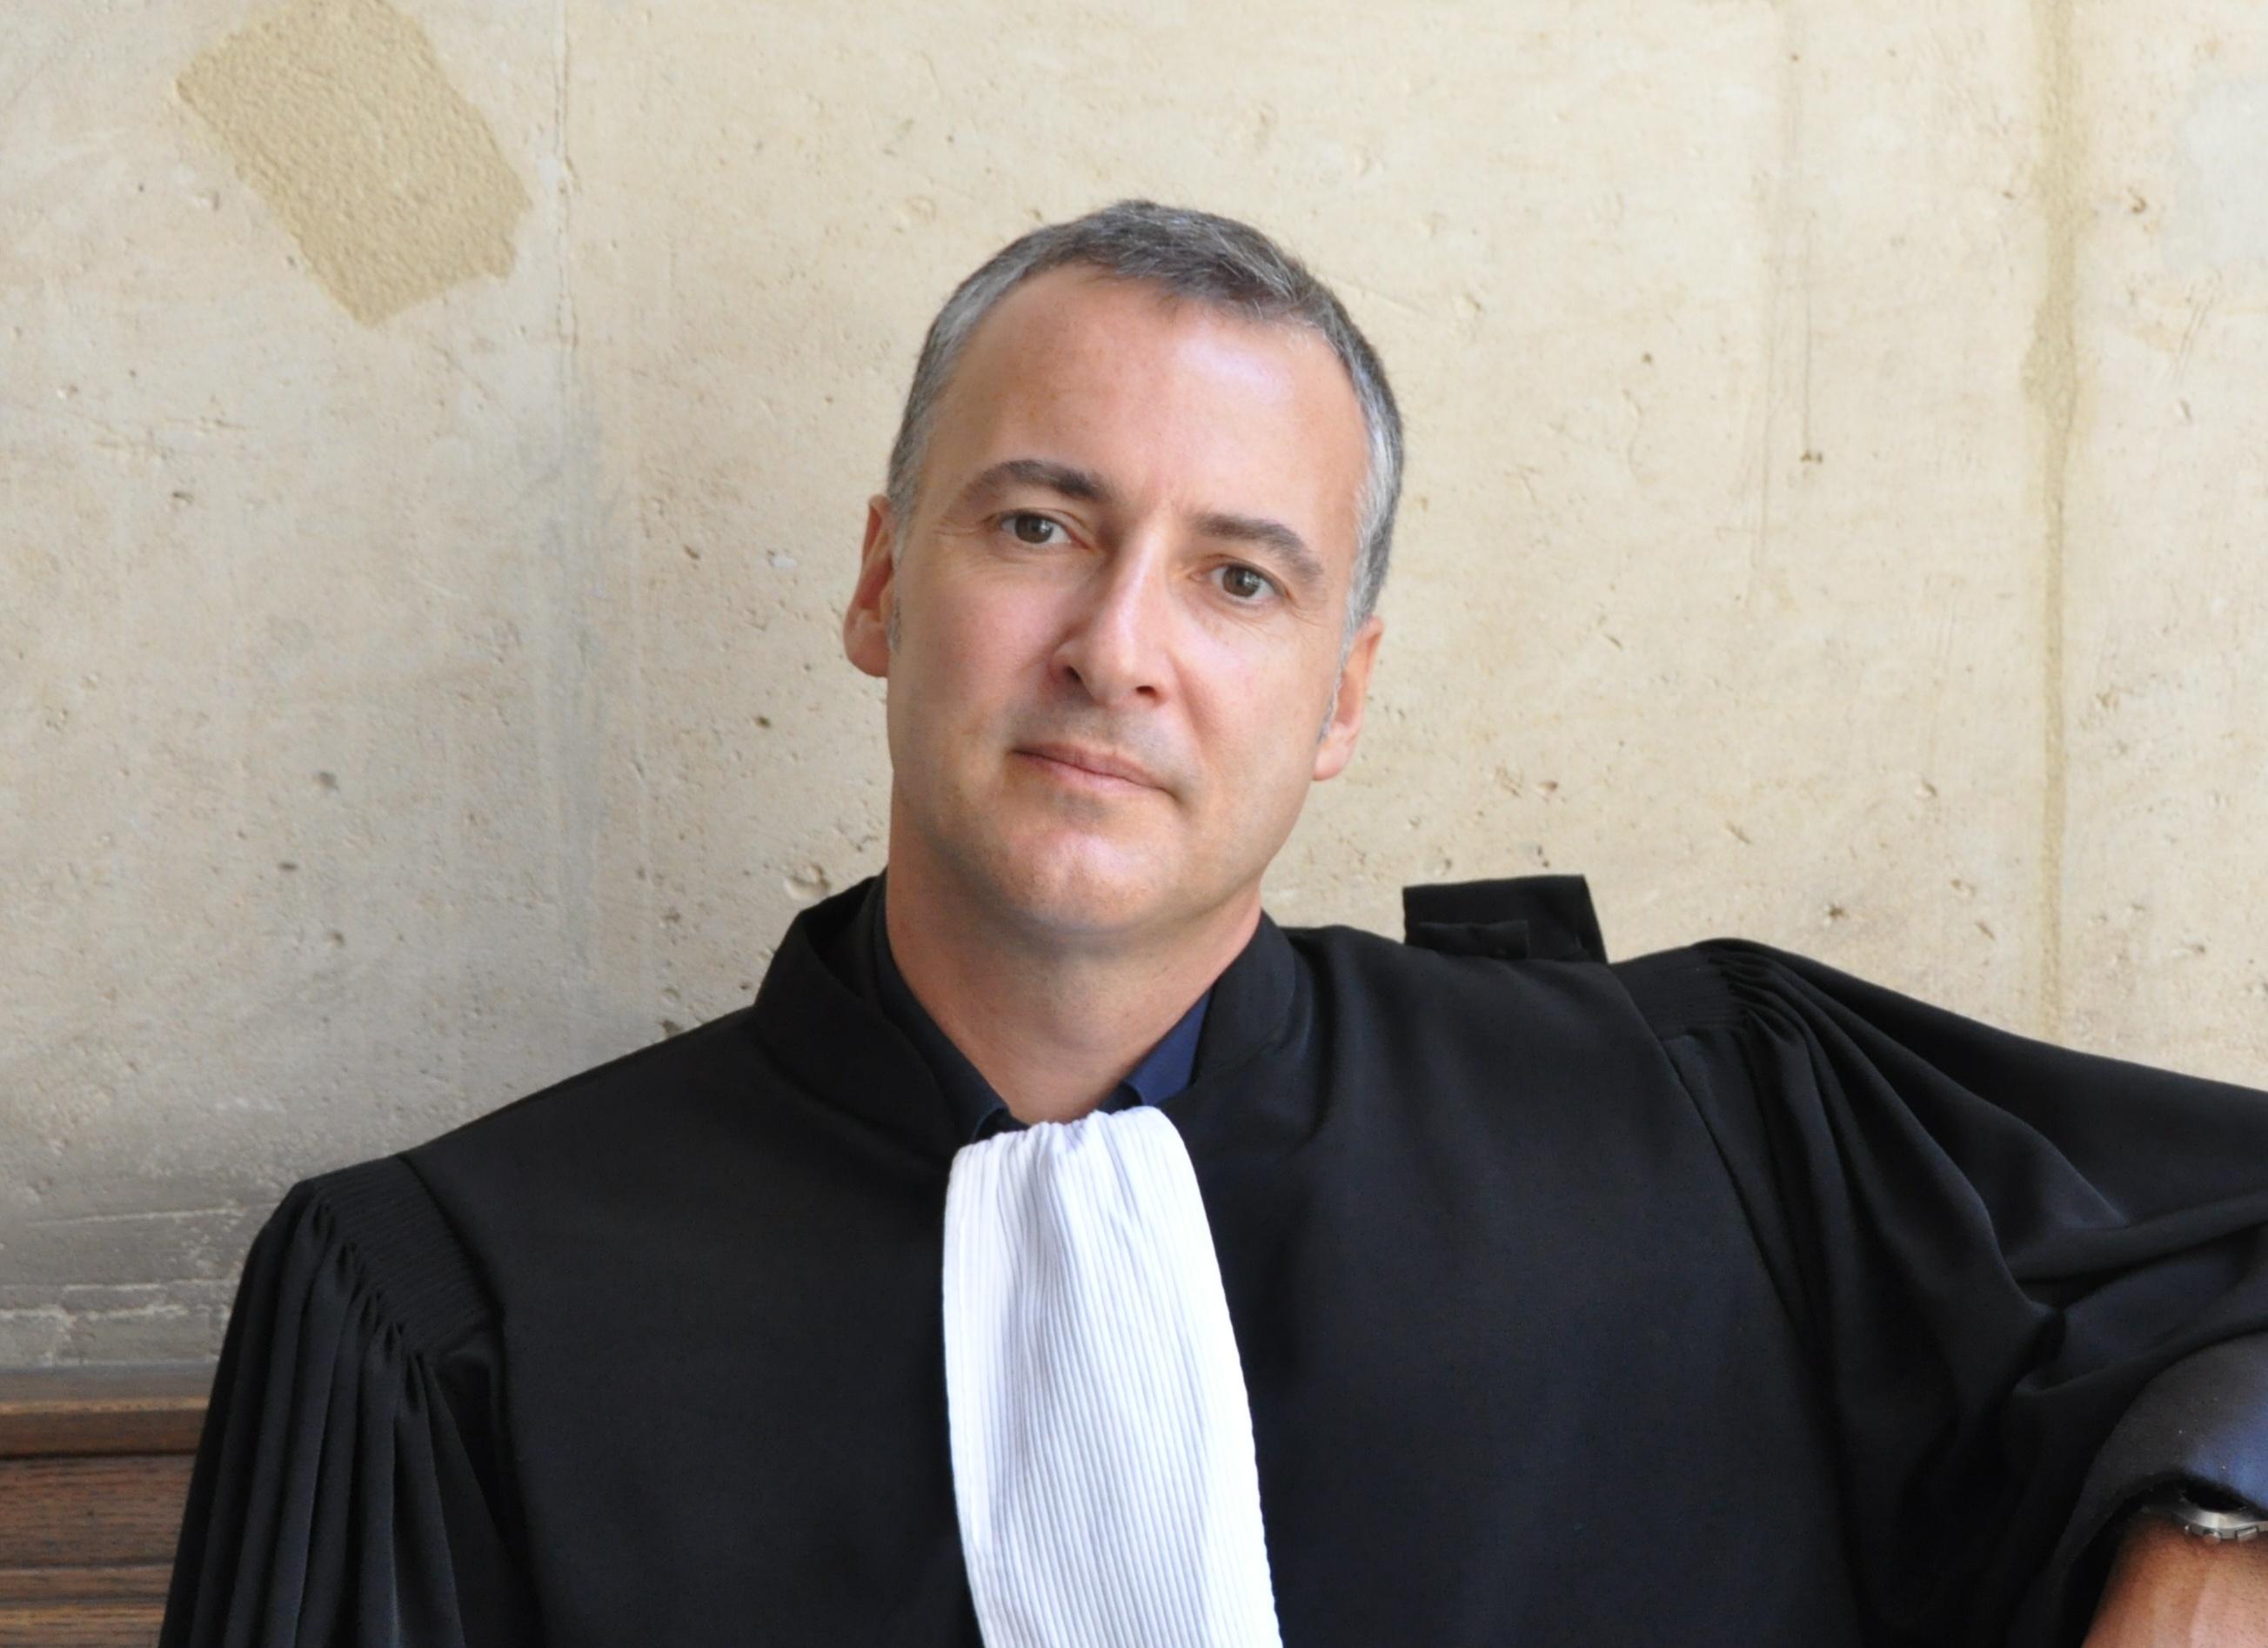 avocat spécialiste droit social travail